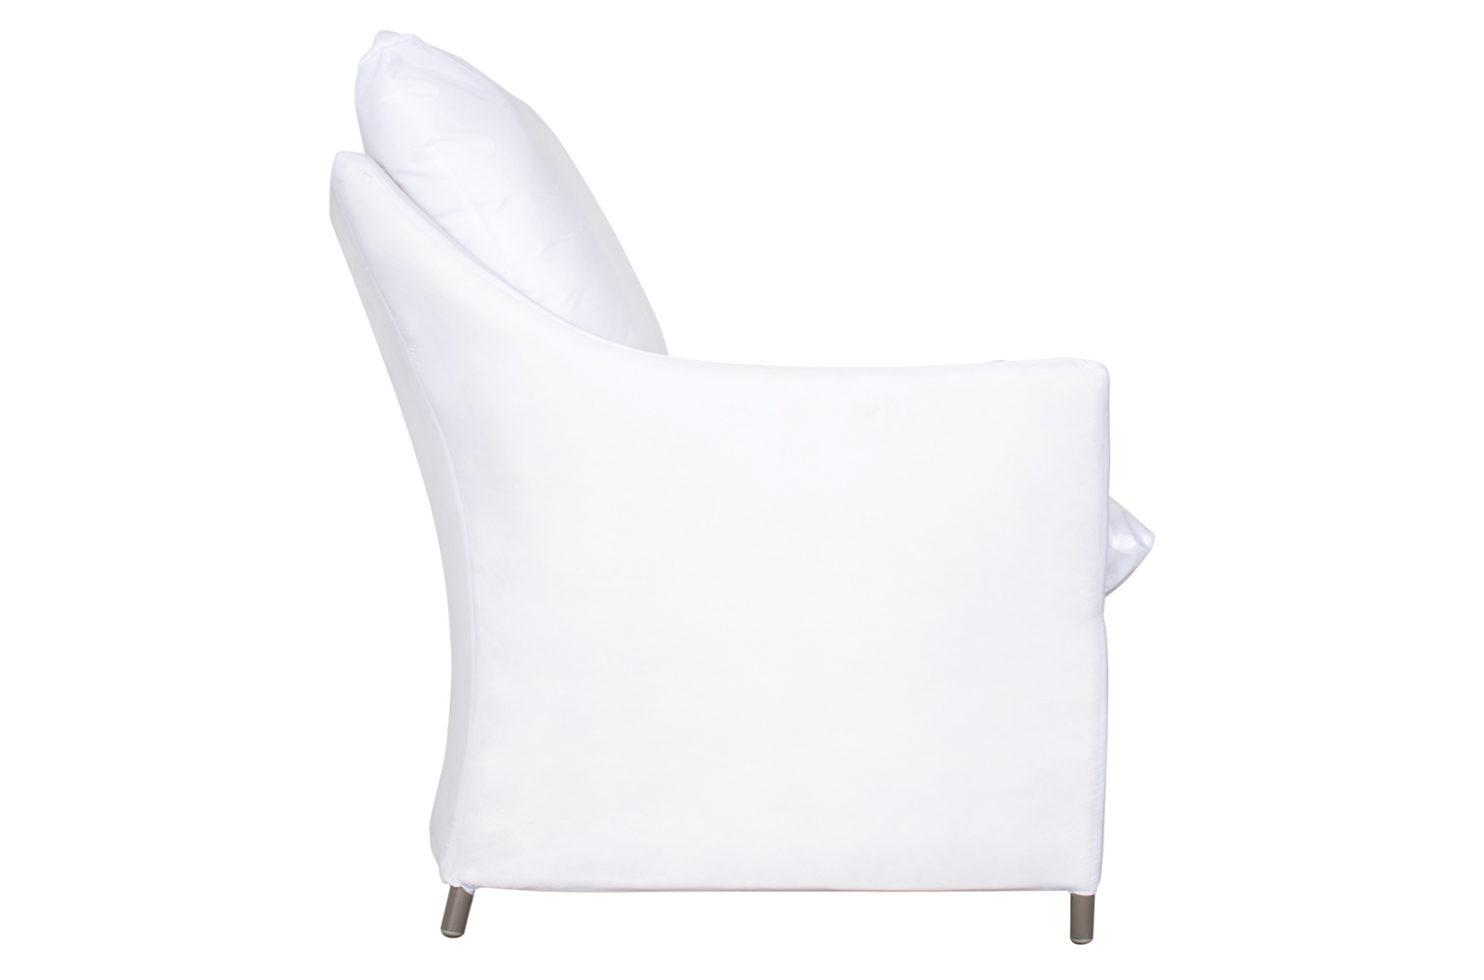 capri lounge frame 620FT091P2 1 side